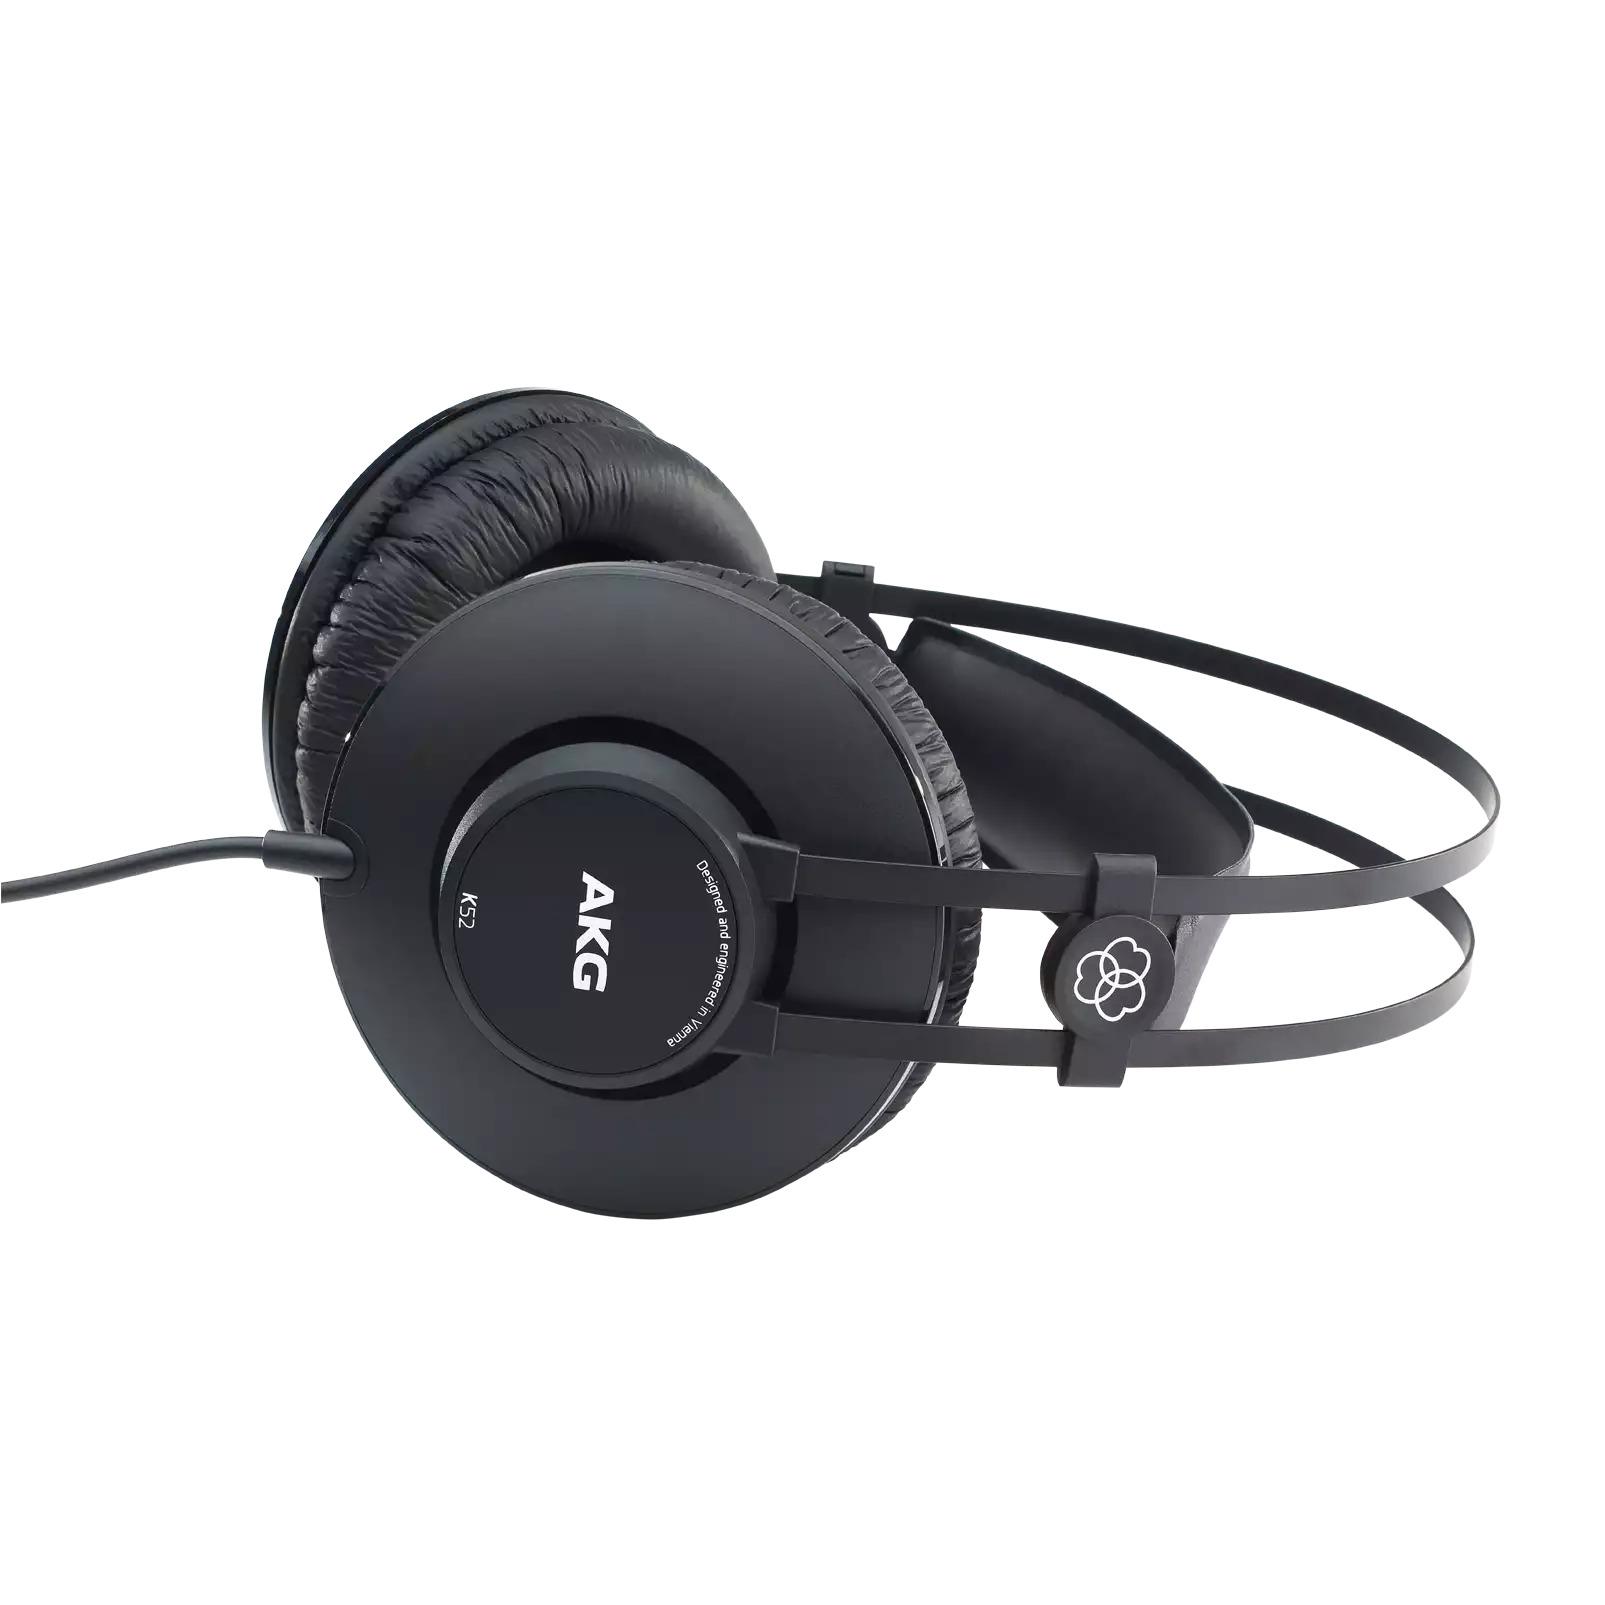 Fone de Ouvido AKG K52 Fechado Estilo Over Ear